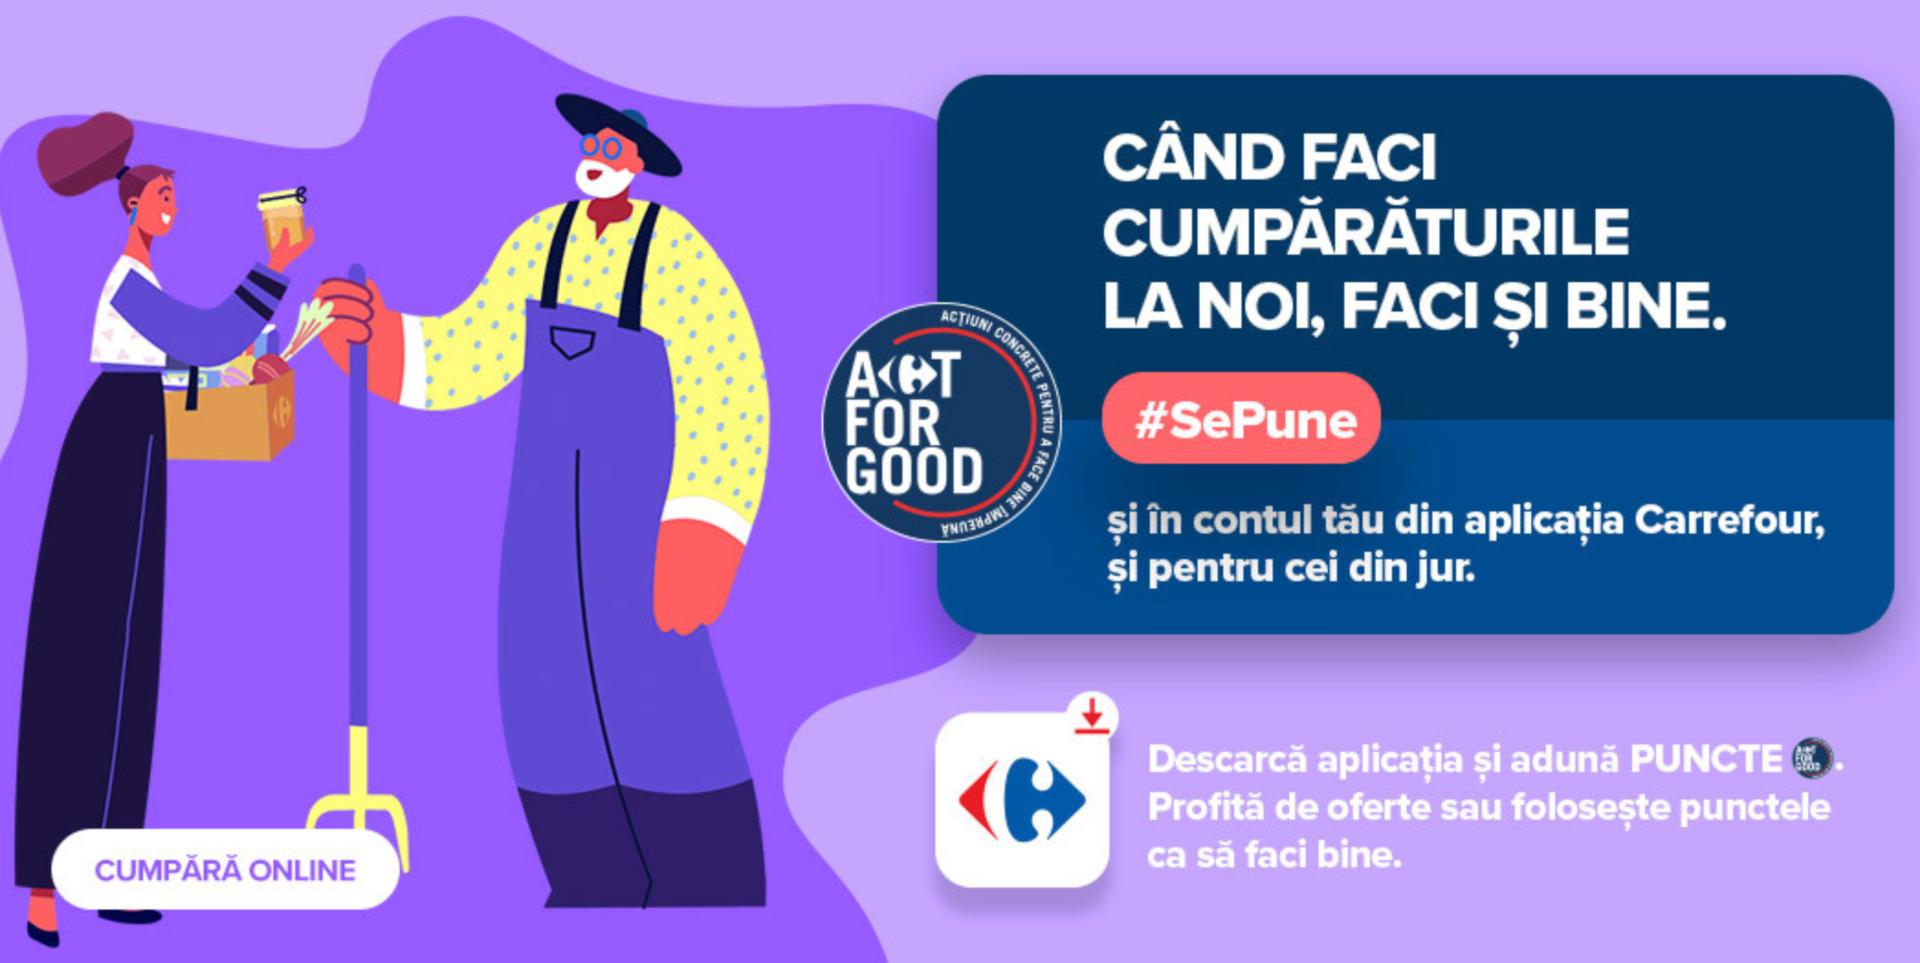 Carrefour România, încetați să mai considerați clienții hoți